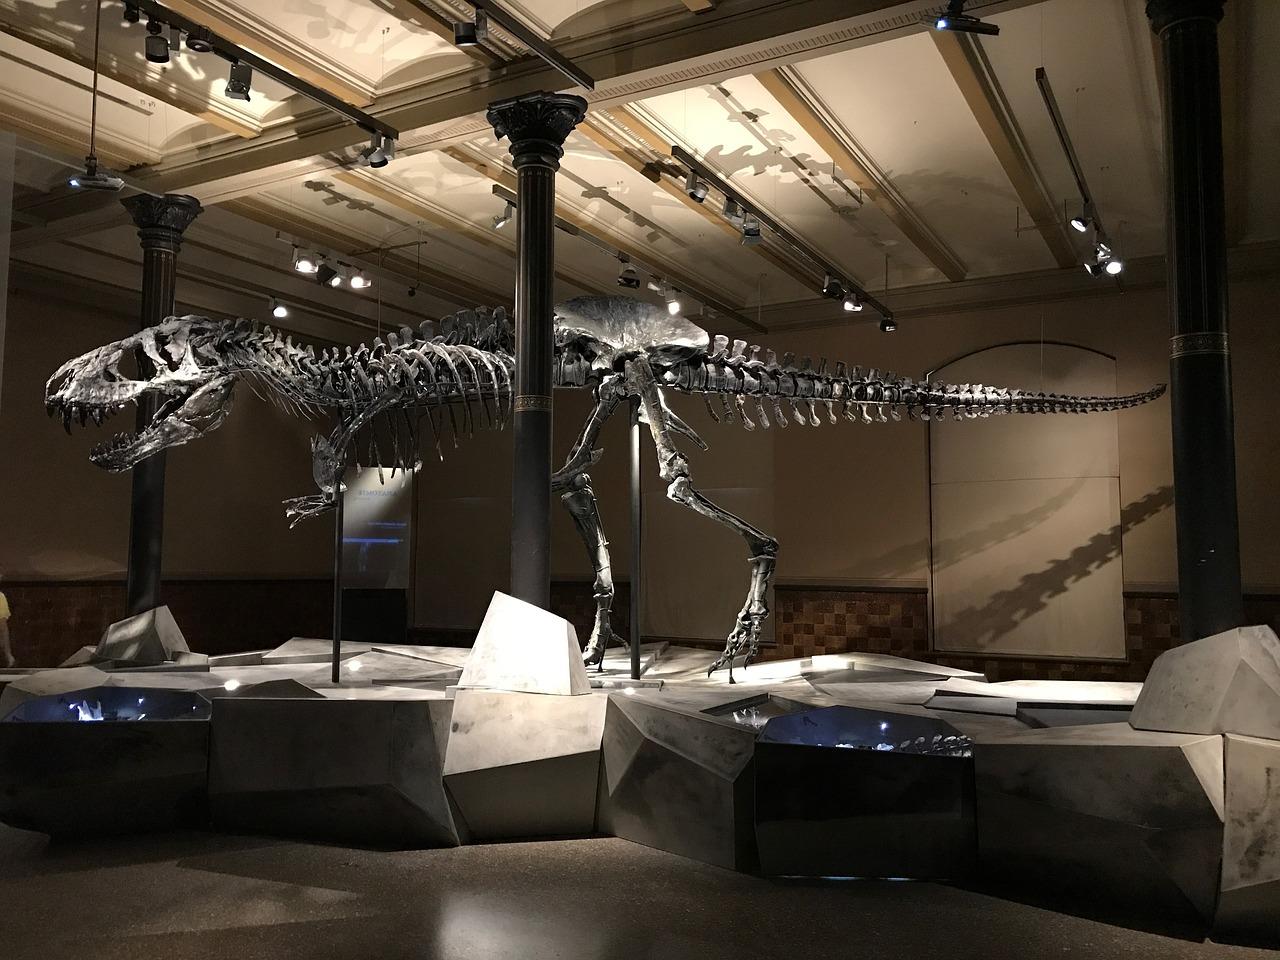 Google proponuje 3D-ekskursiї u muzej u nyzci mist Ukraїny